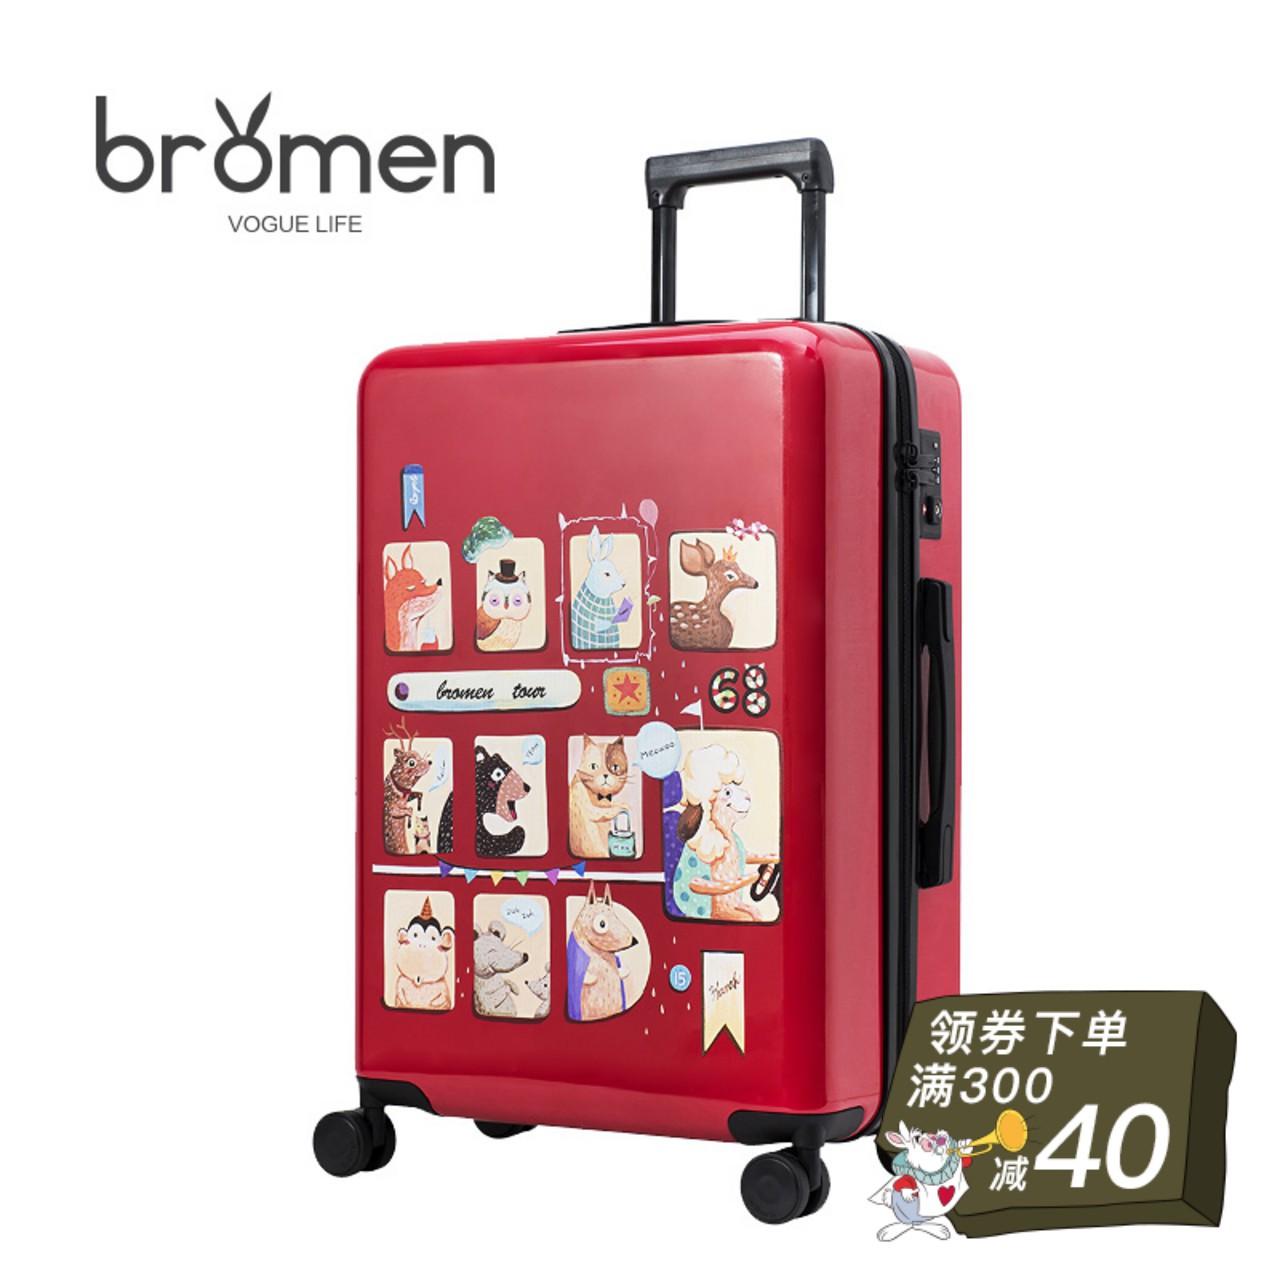 ✌♋Bulaimei กระเป๋าเดินทางล้อลาก 24 นิ้วหญิงกล่องสีแดงขนาดเล็ก 20 นิ้วน้ำหนักเบากระเป๋าเดินทางกระเป๋าเดินทาง